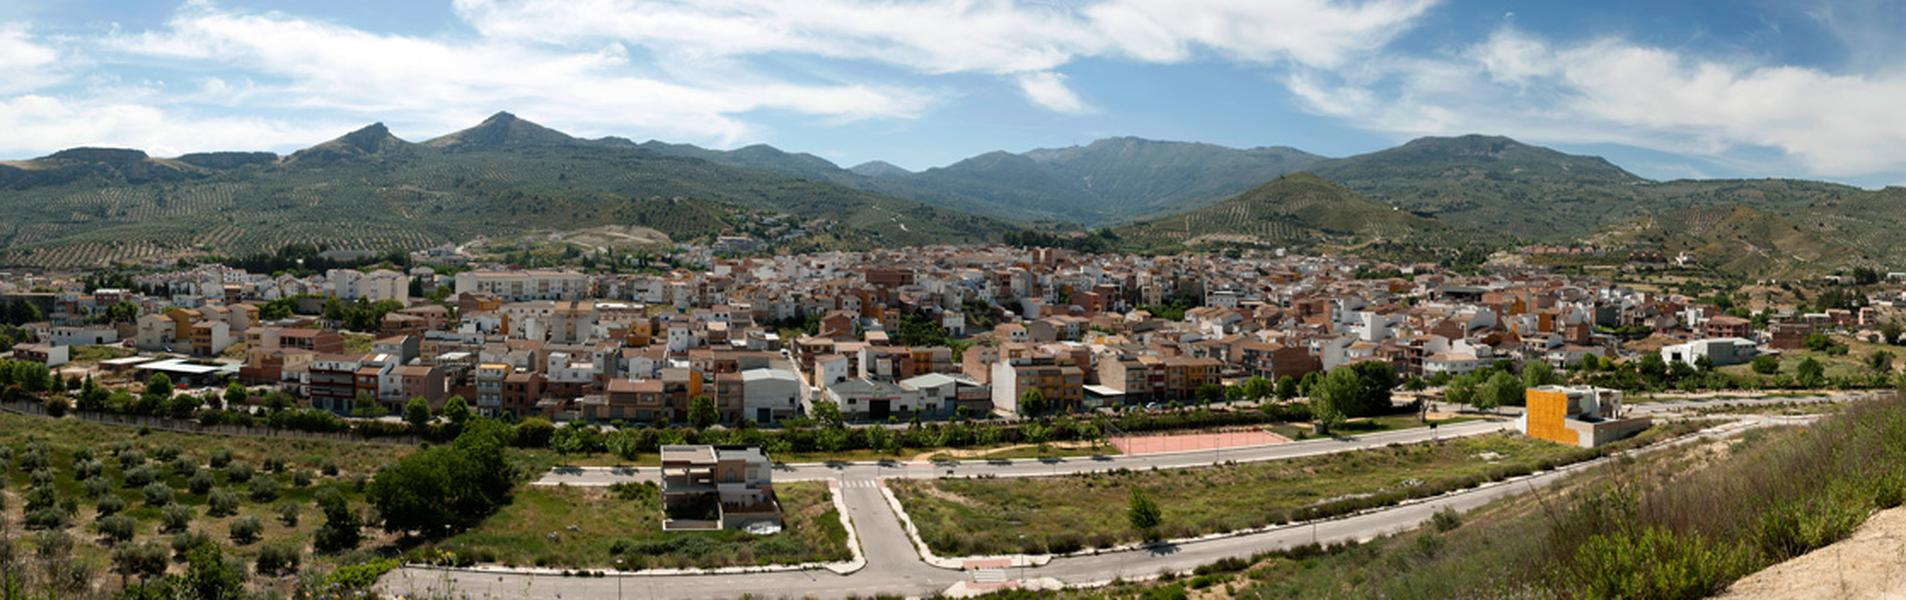 Los Villares